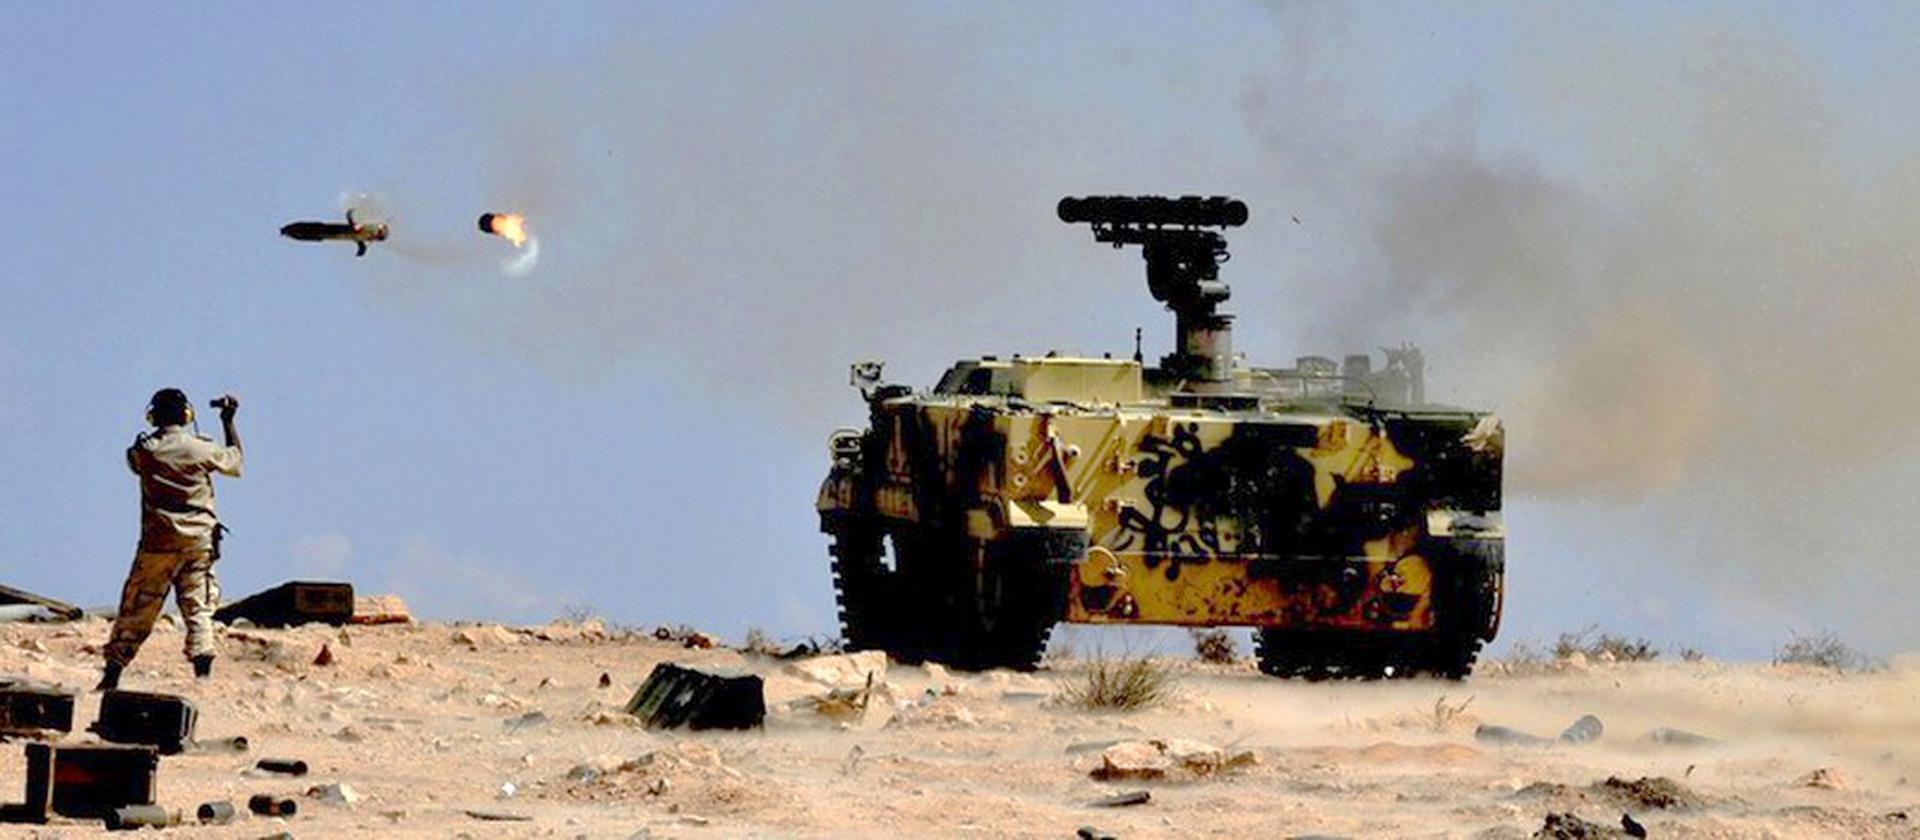 «Хризантемы» в ливийской пустыне